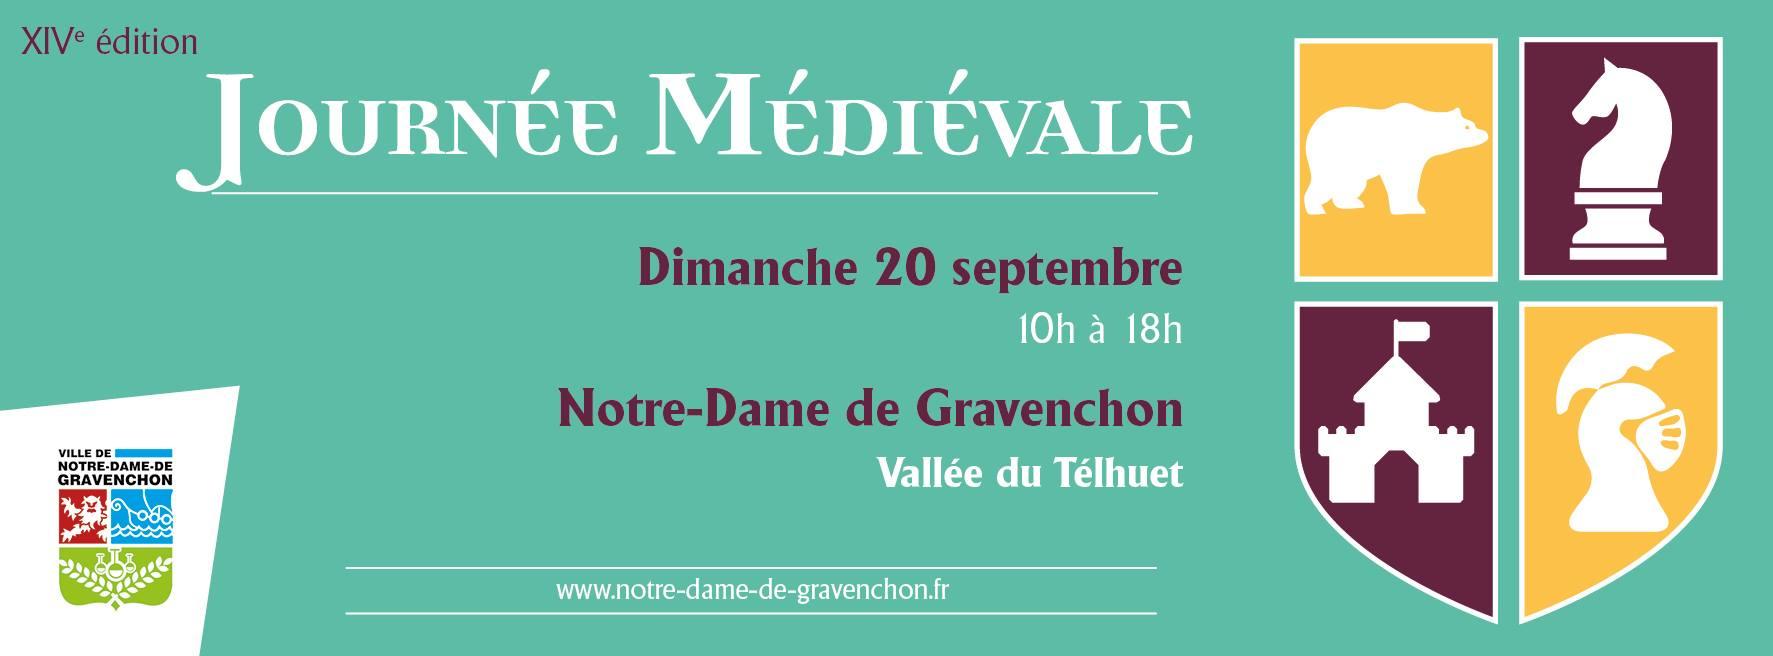 Journ E M Di Vale Le 20 09 Gravenchon Notre Dame De